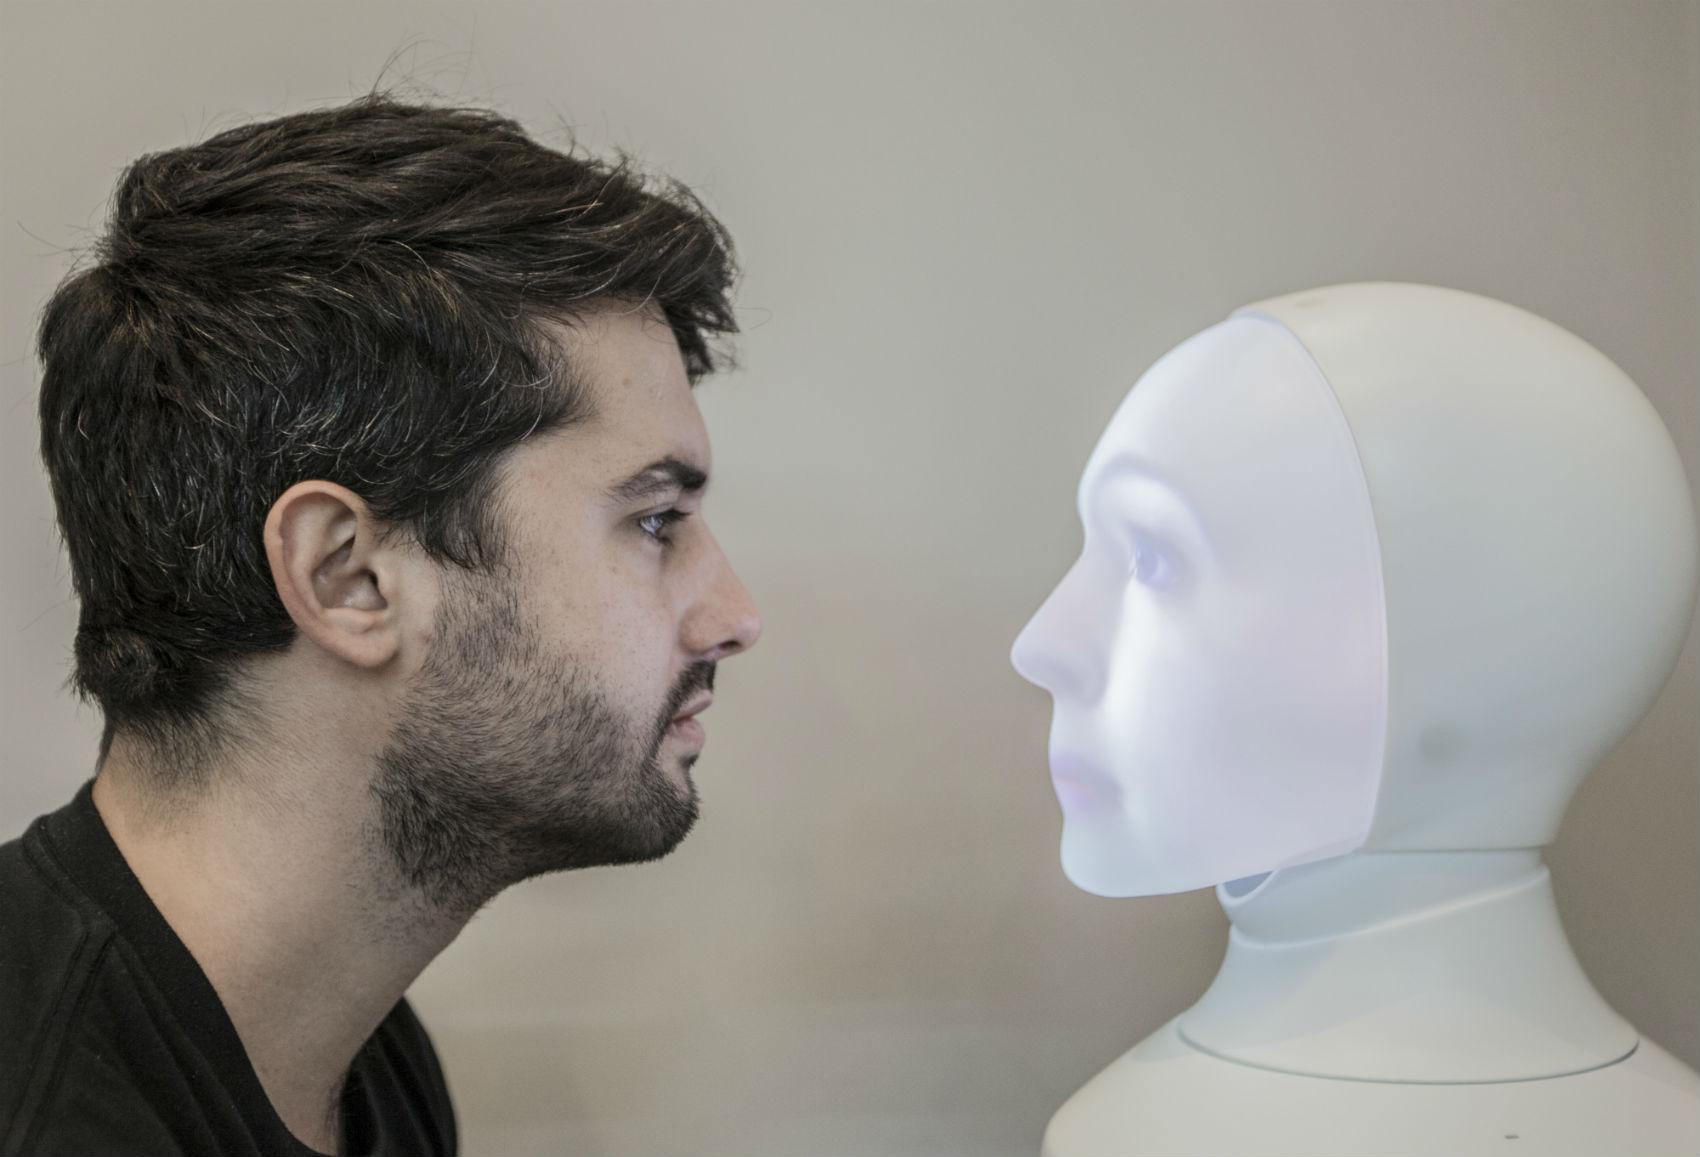 Apelidada de FAB, a robô mediará contação de histórias no BS Kids Festival. Foto: Divulgação/Iguatemi